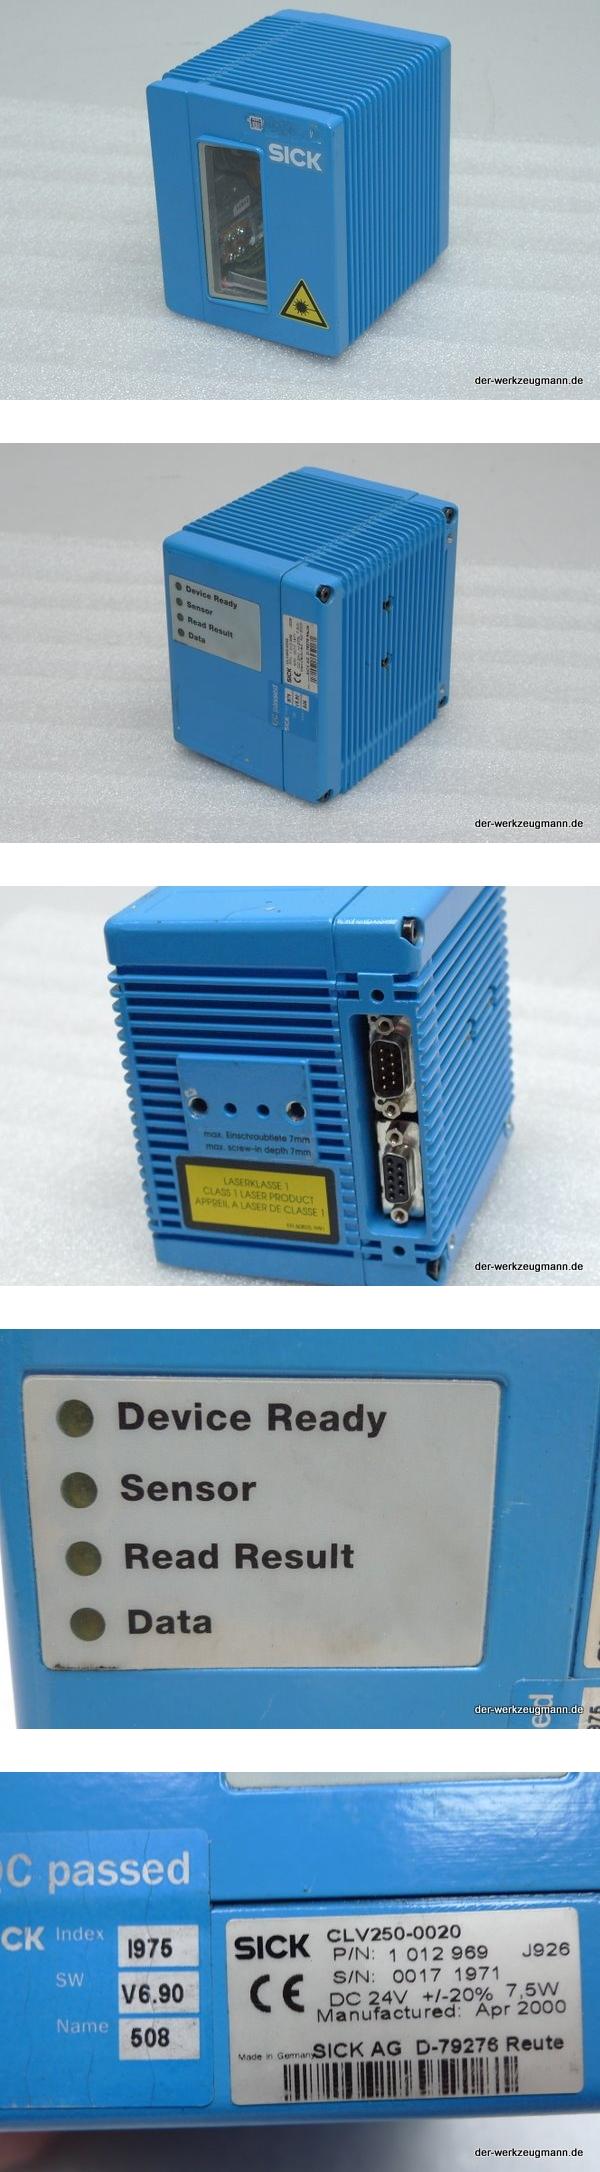 Sick CLV250-0020 Barcodescanner 1012969